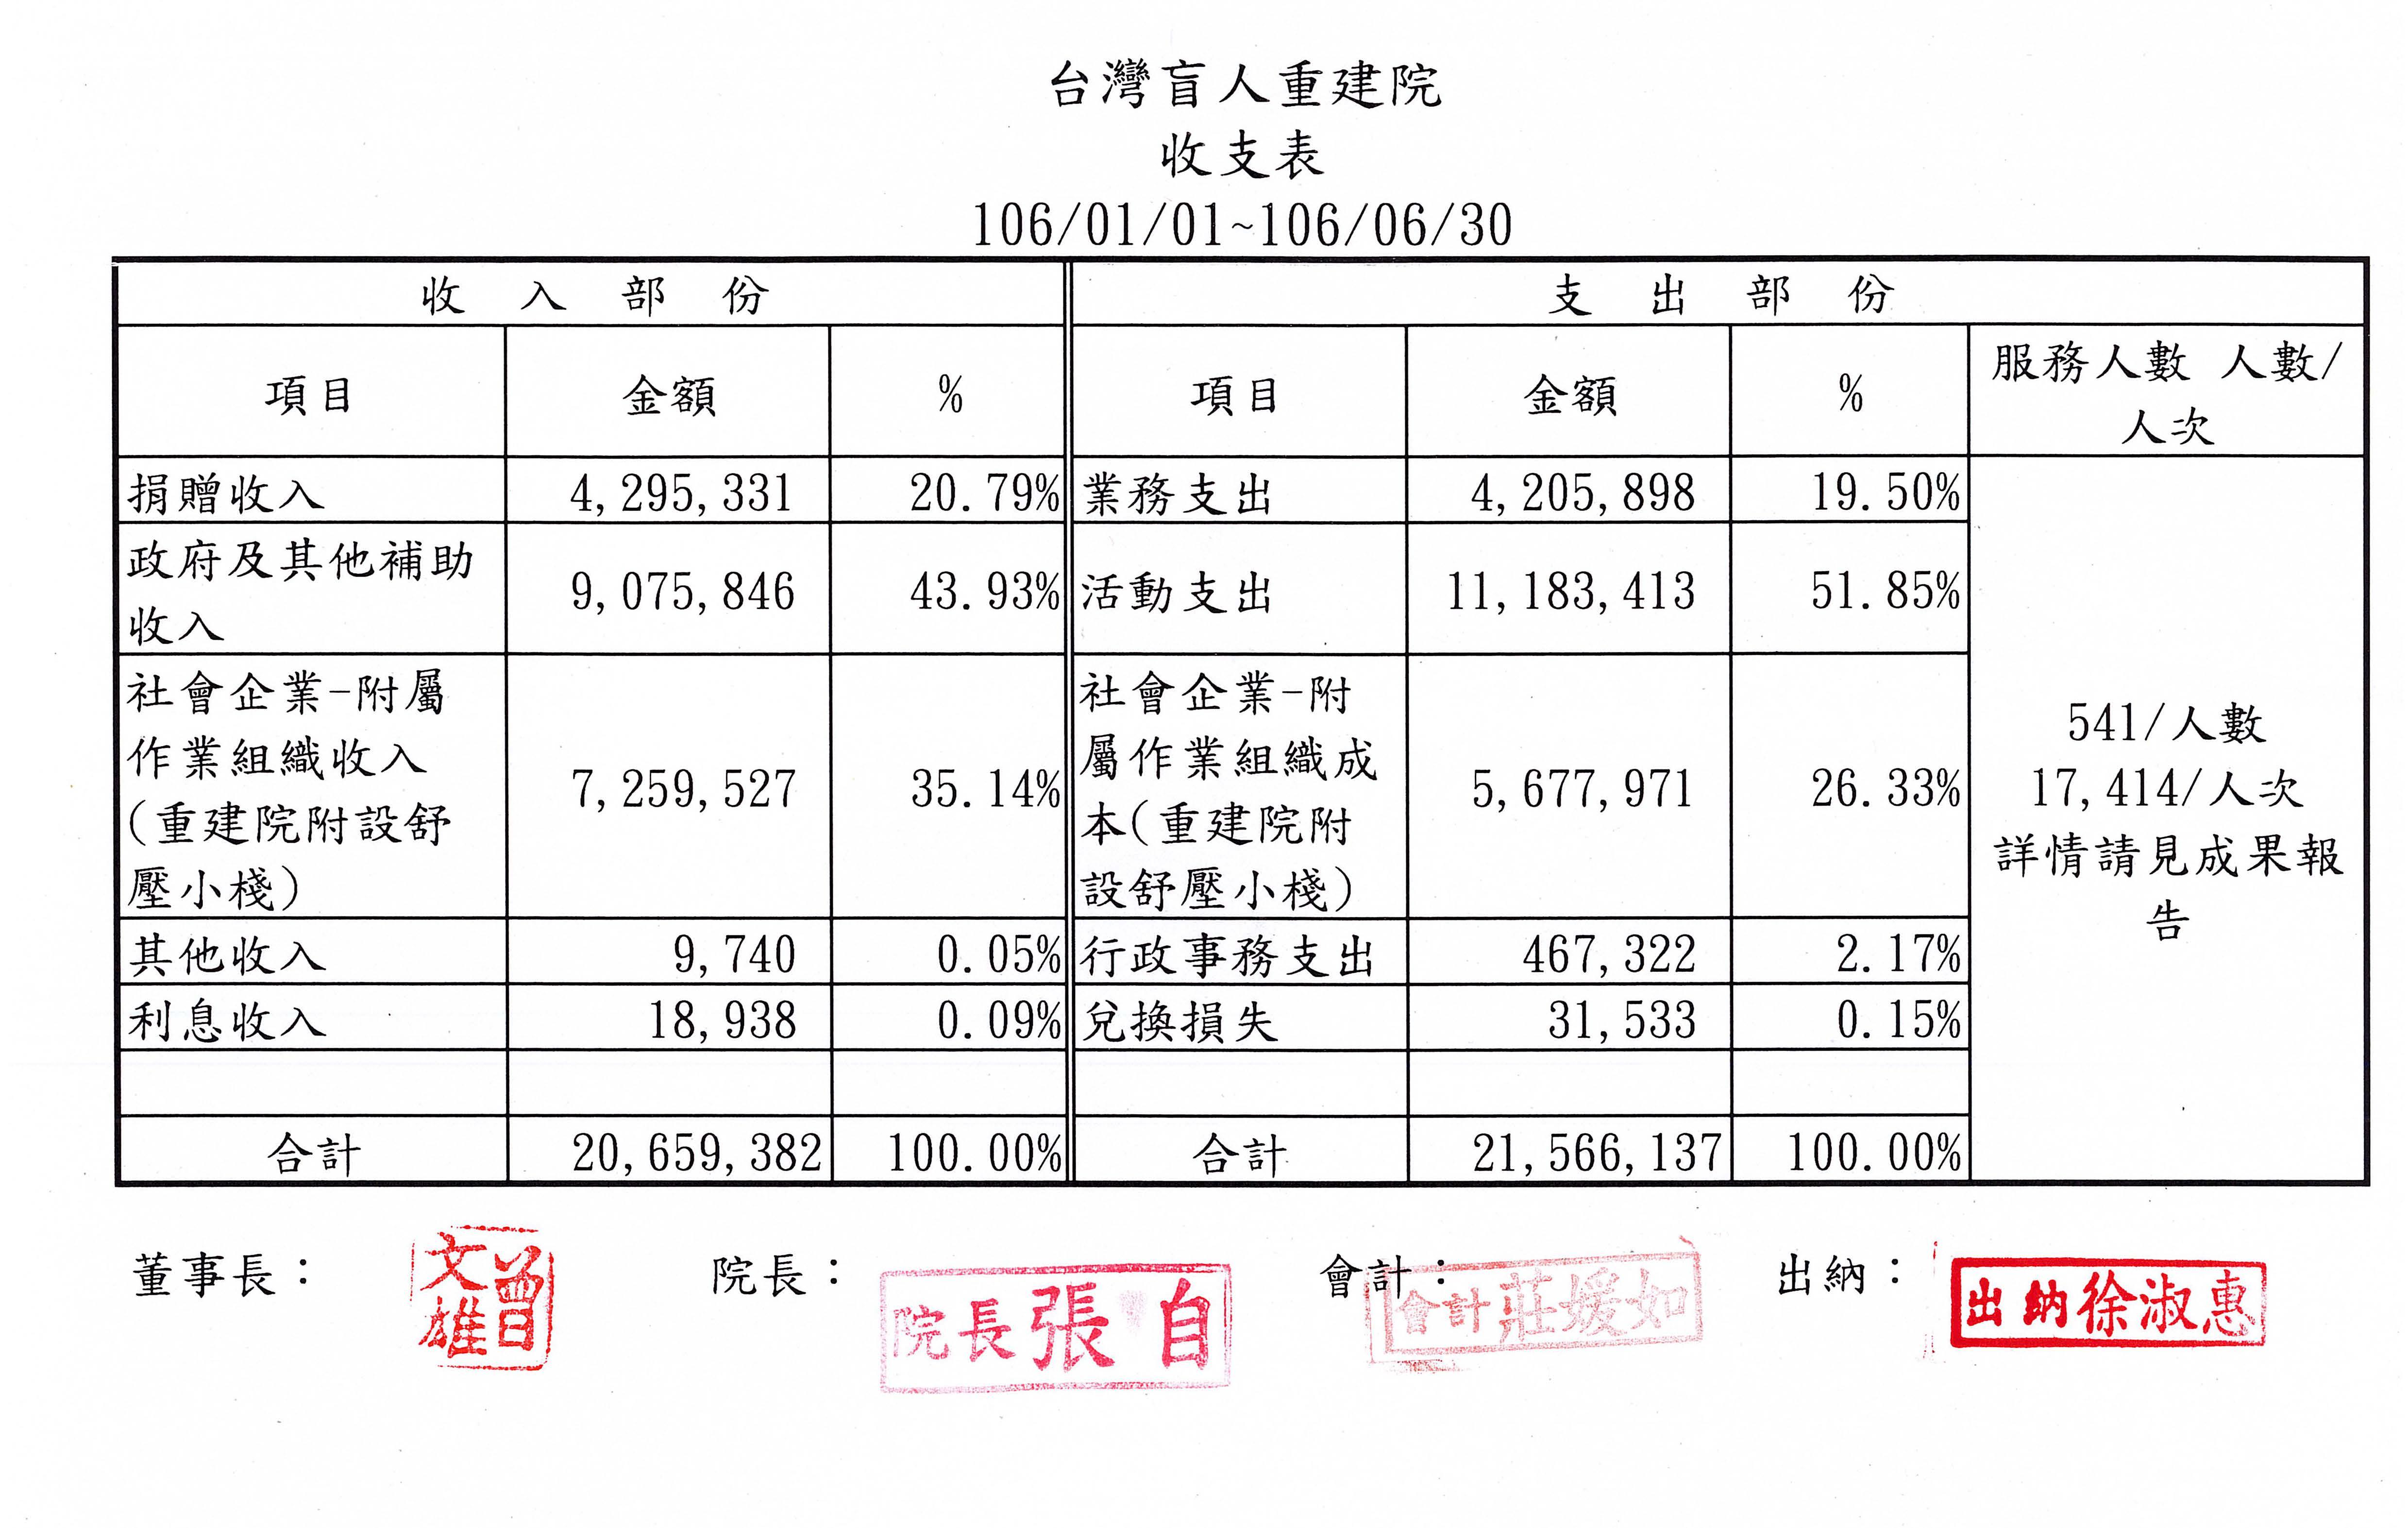 2017年06月收支表